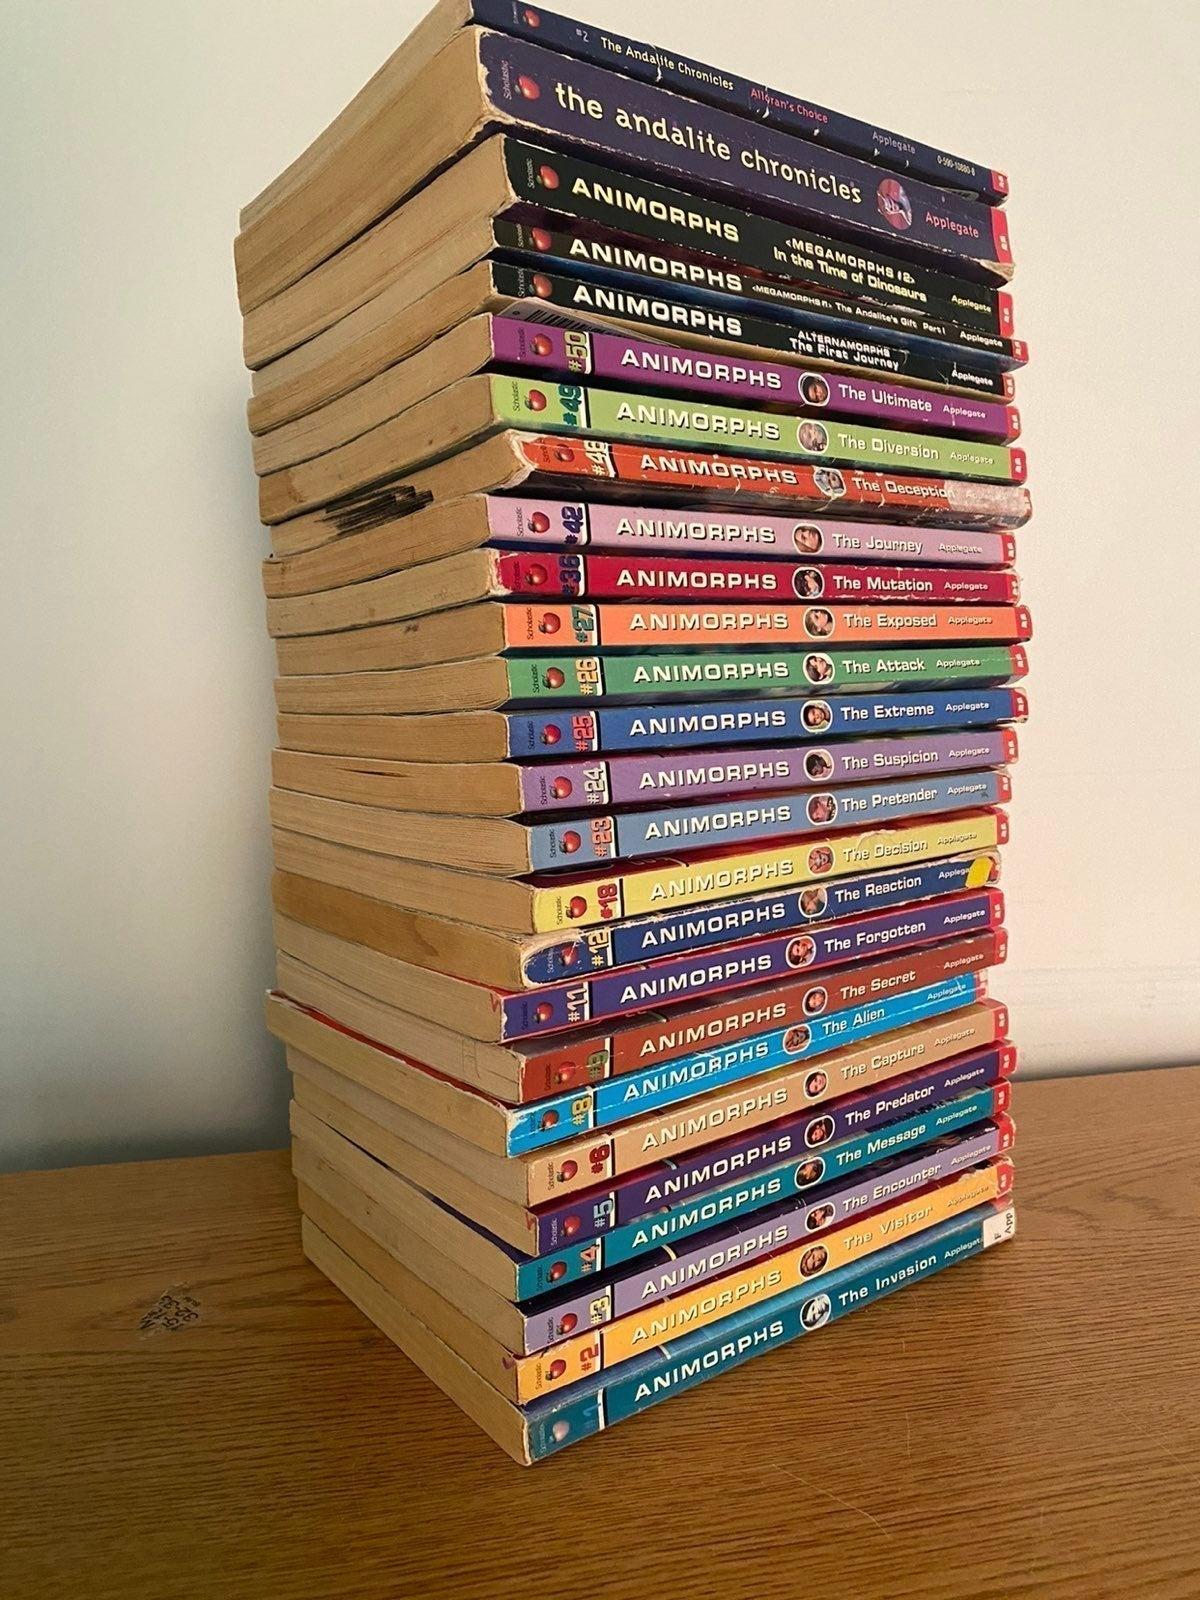 Lot of 26 Animorphs Books